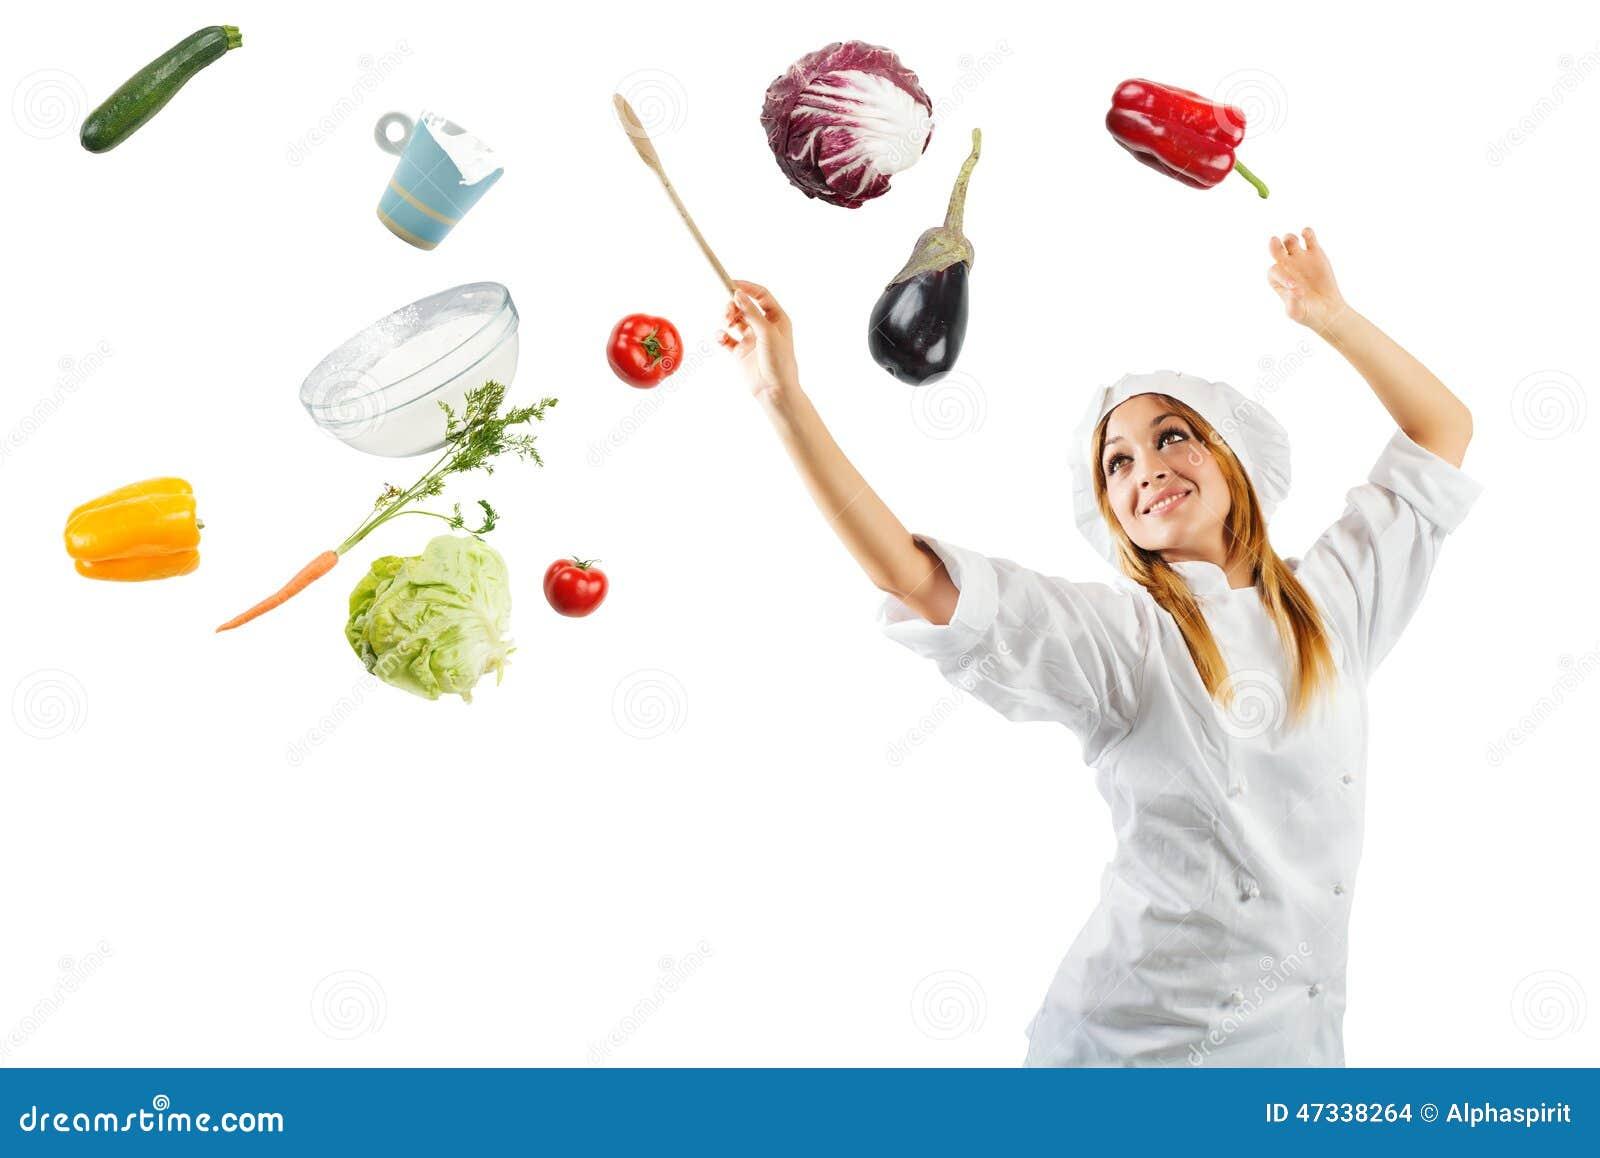 Melodie beim Kochen